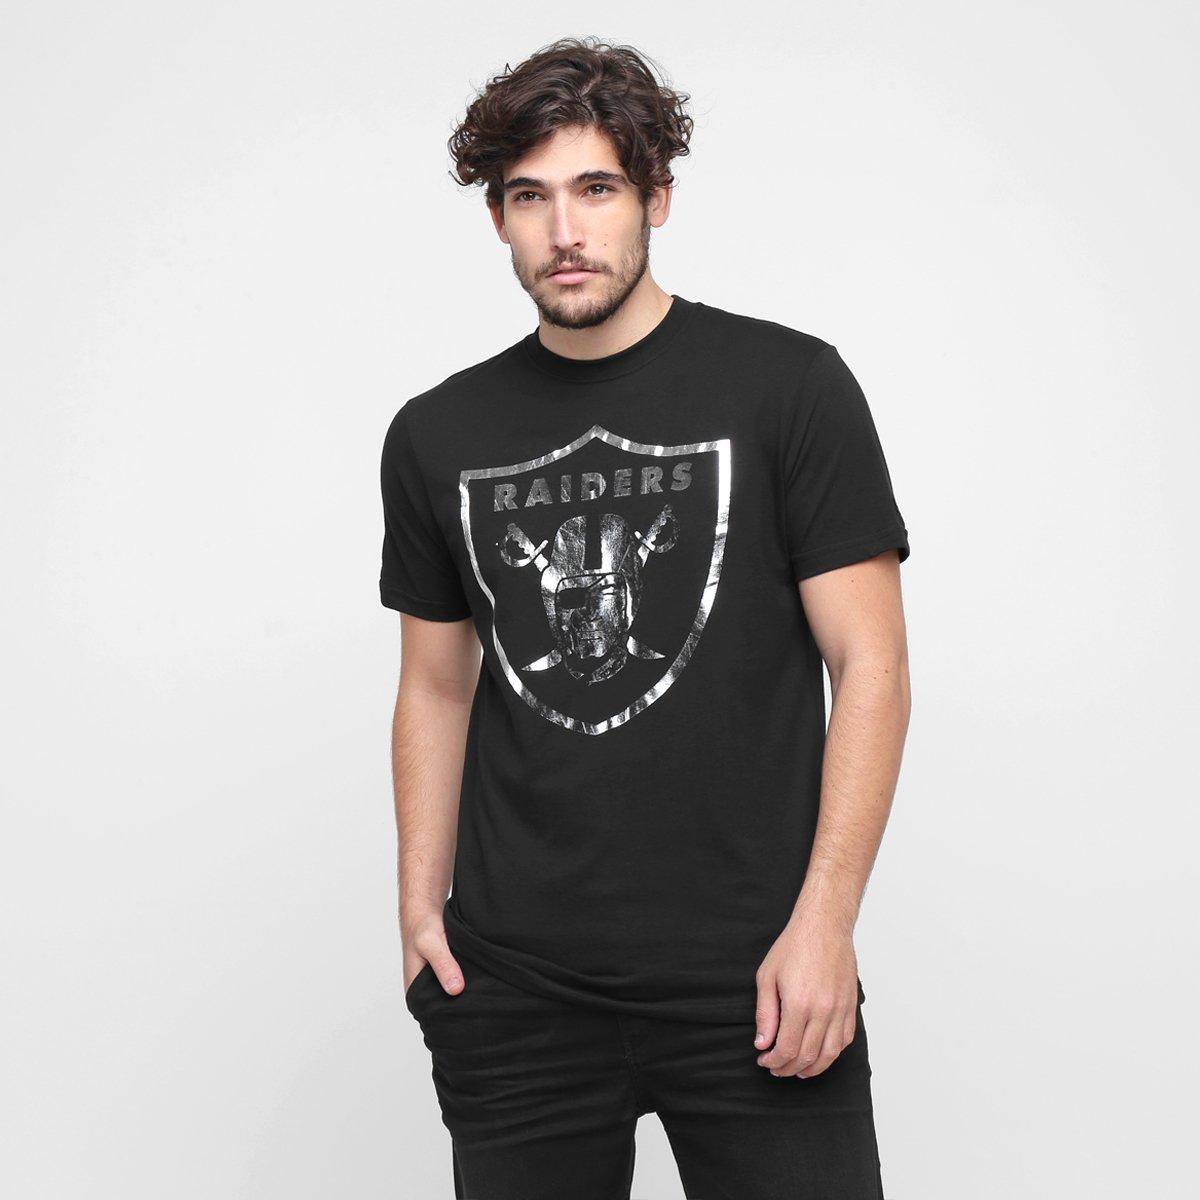 e83547d188795 Camiseta New Era NFL Receiver Oakland Raiders - Compre Agora